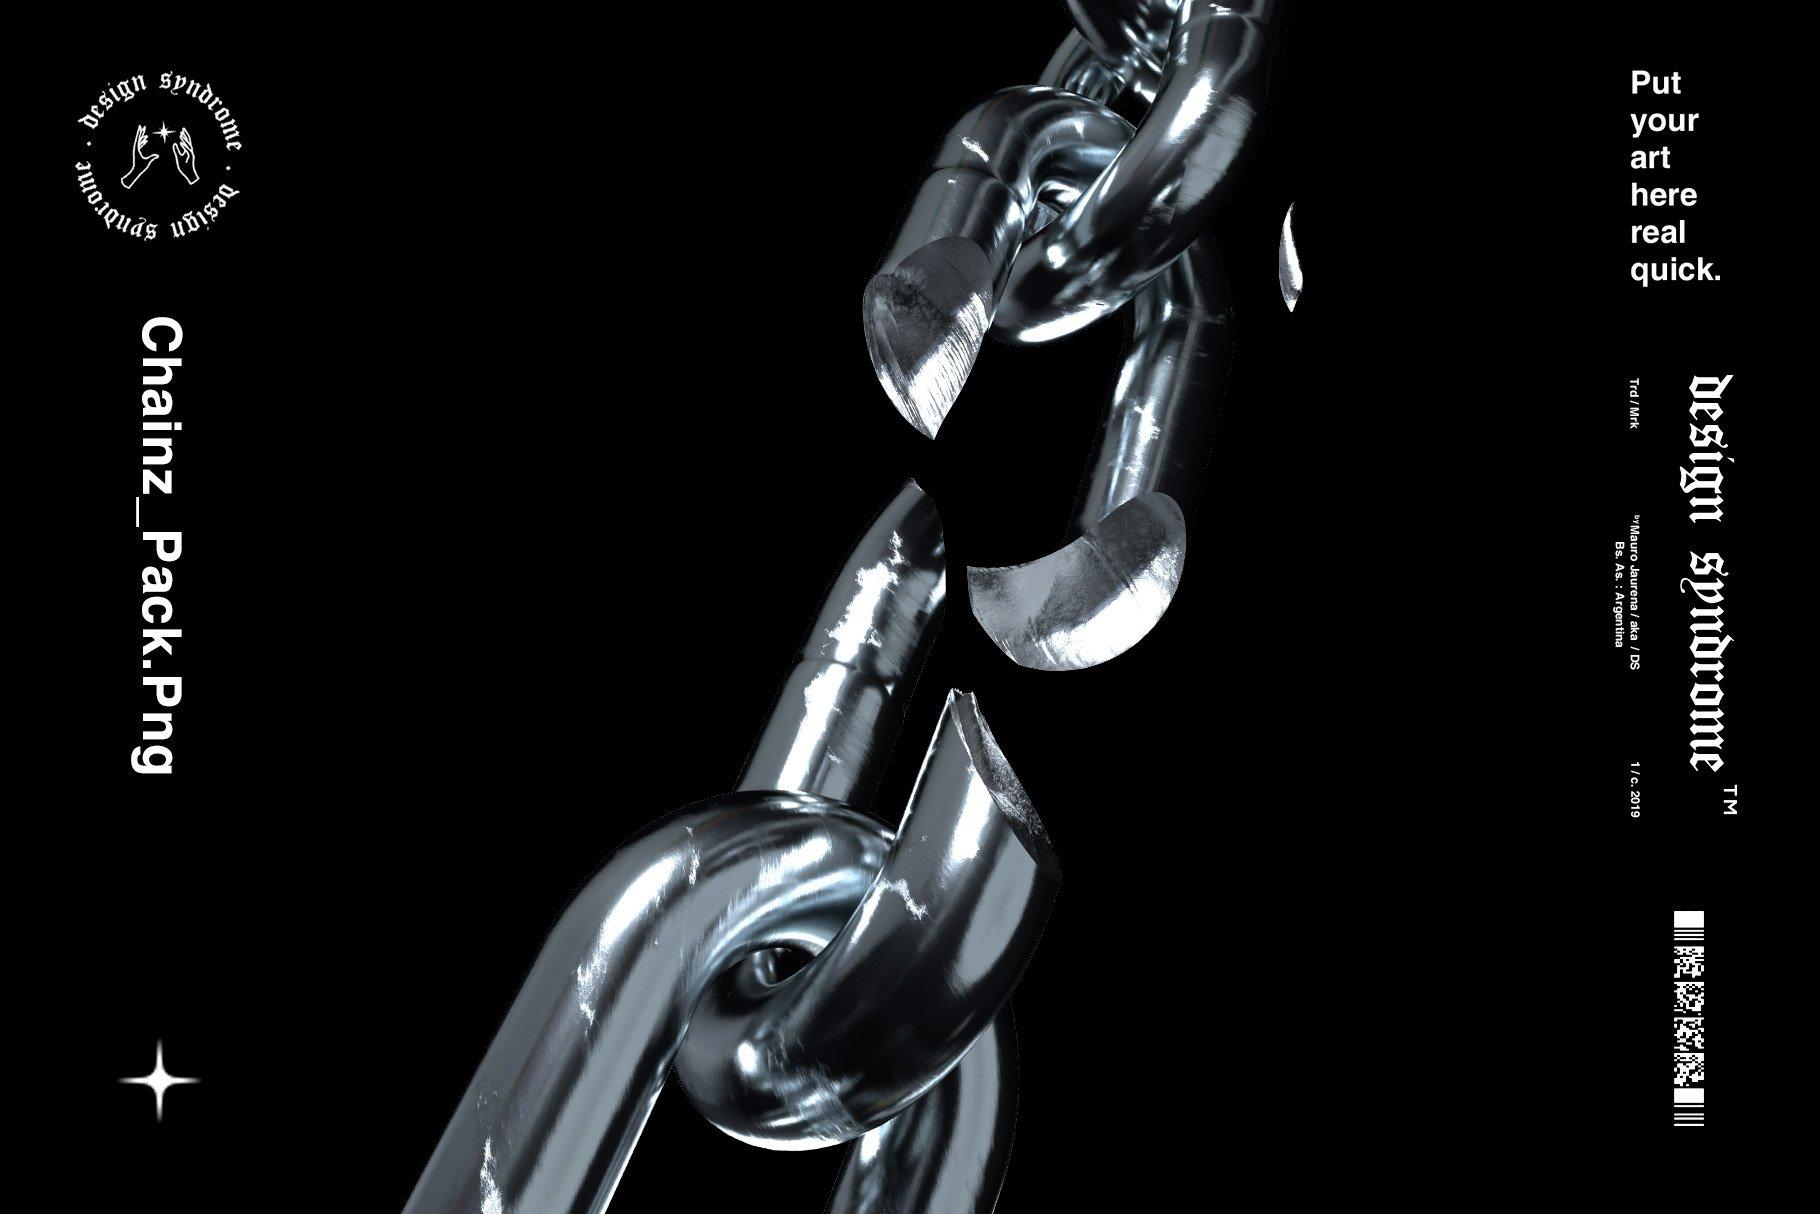 [单独购买] 50款潮流炫酷金属质感锁链海报设计背景PNG免扣图片素材 Design Syndrome – Chainz PNG Pack插图